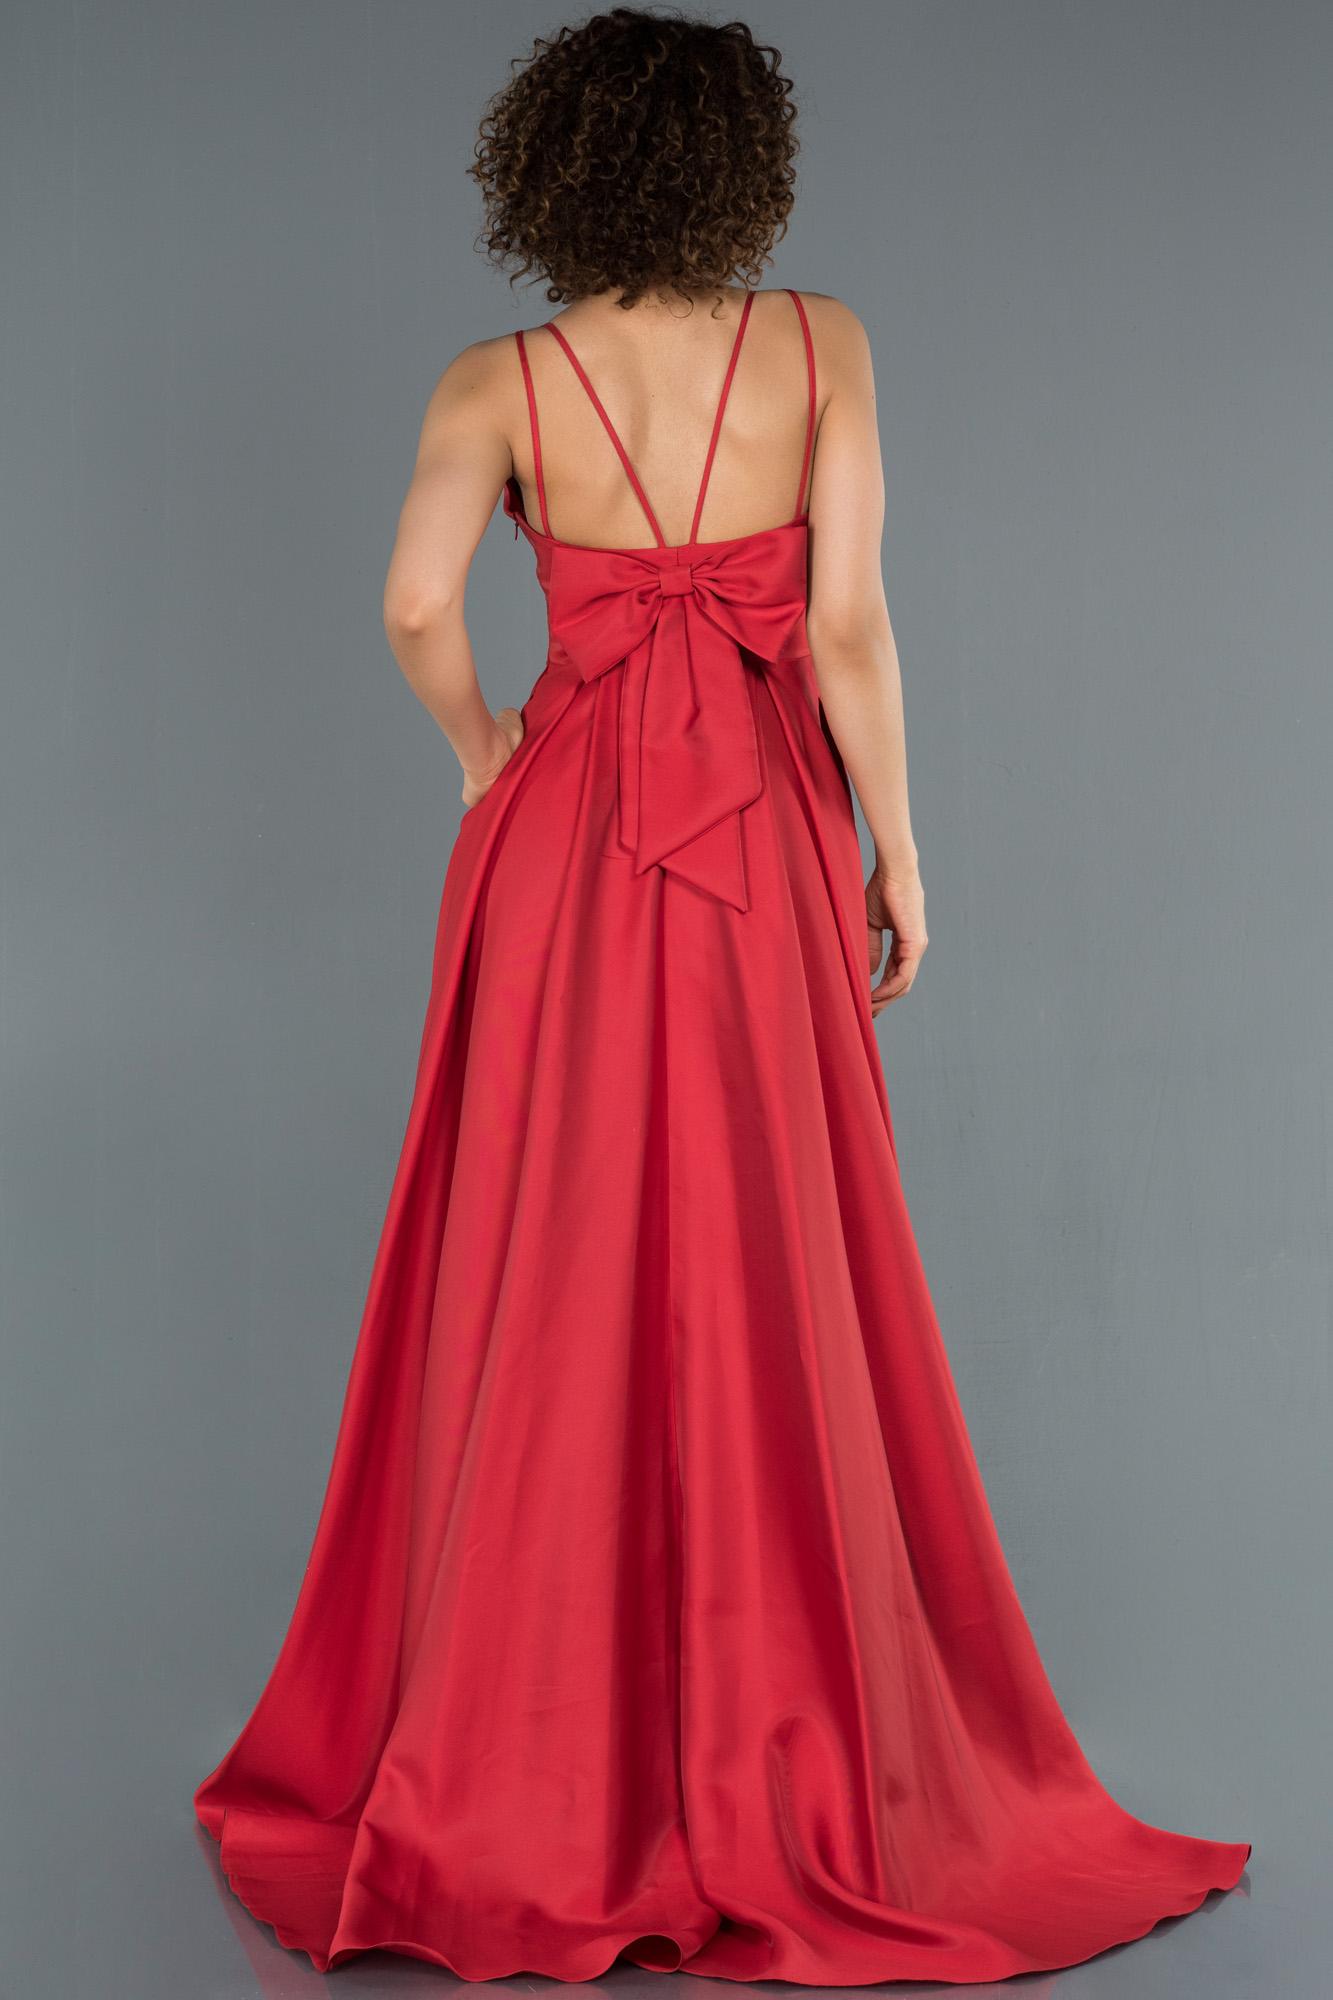 Kırmızı Sırtı Kurdelalı Cep Detaylı Saten Krep Abiye Elbise